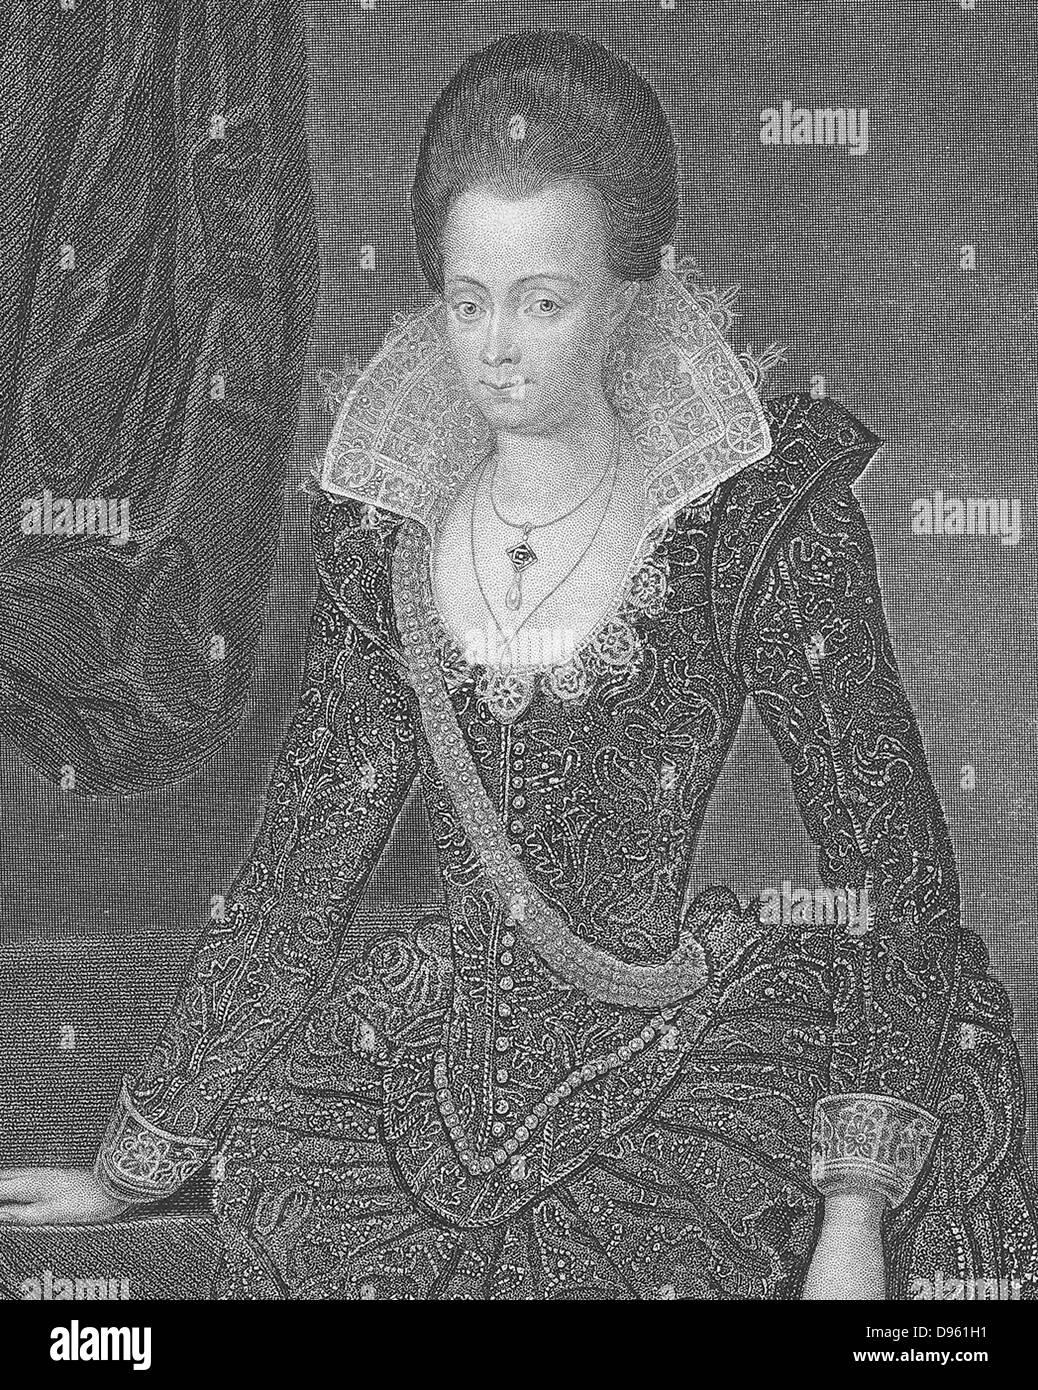 elizabeth i reign